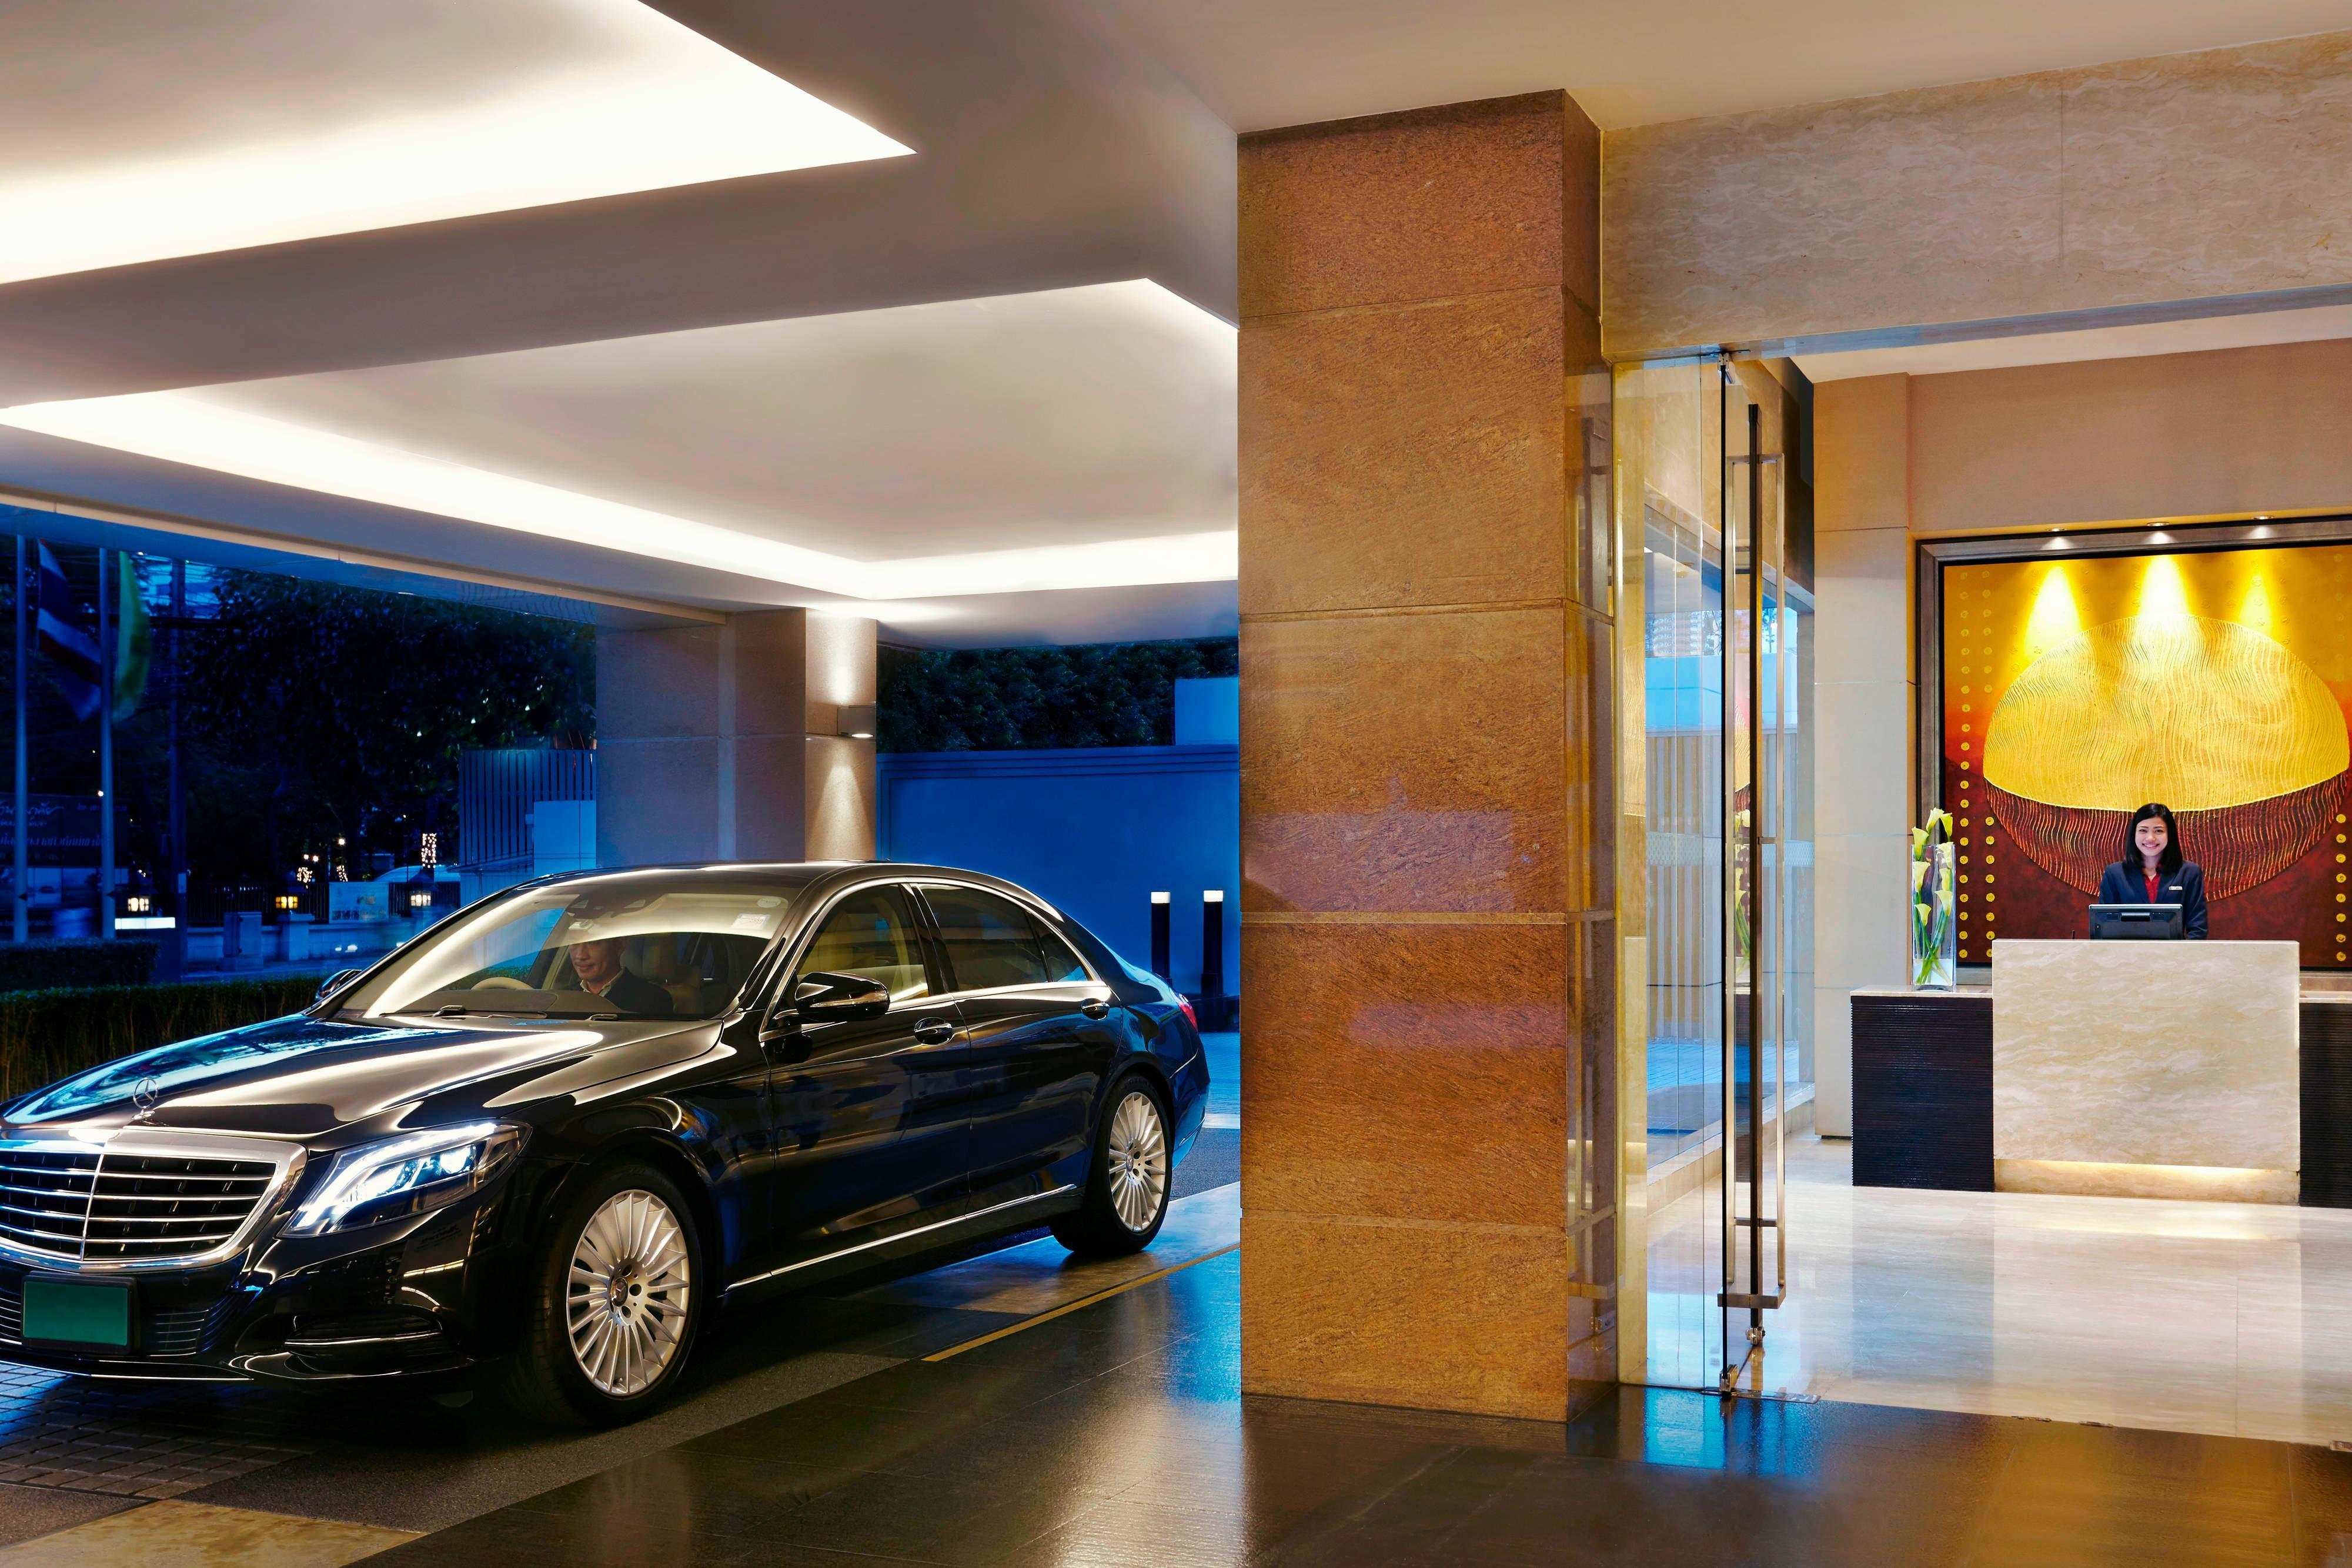 Fahren Sie in der Limousine vor, während unser Concierge alles für Ihre Ankunft vorbereitet.